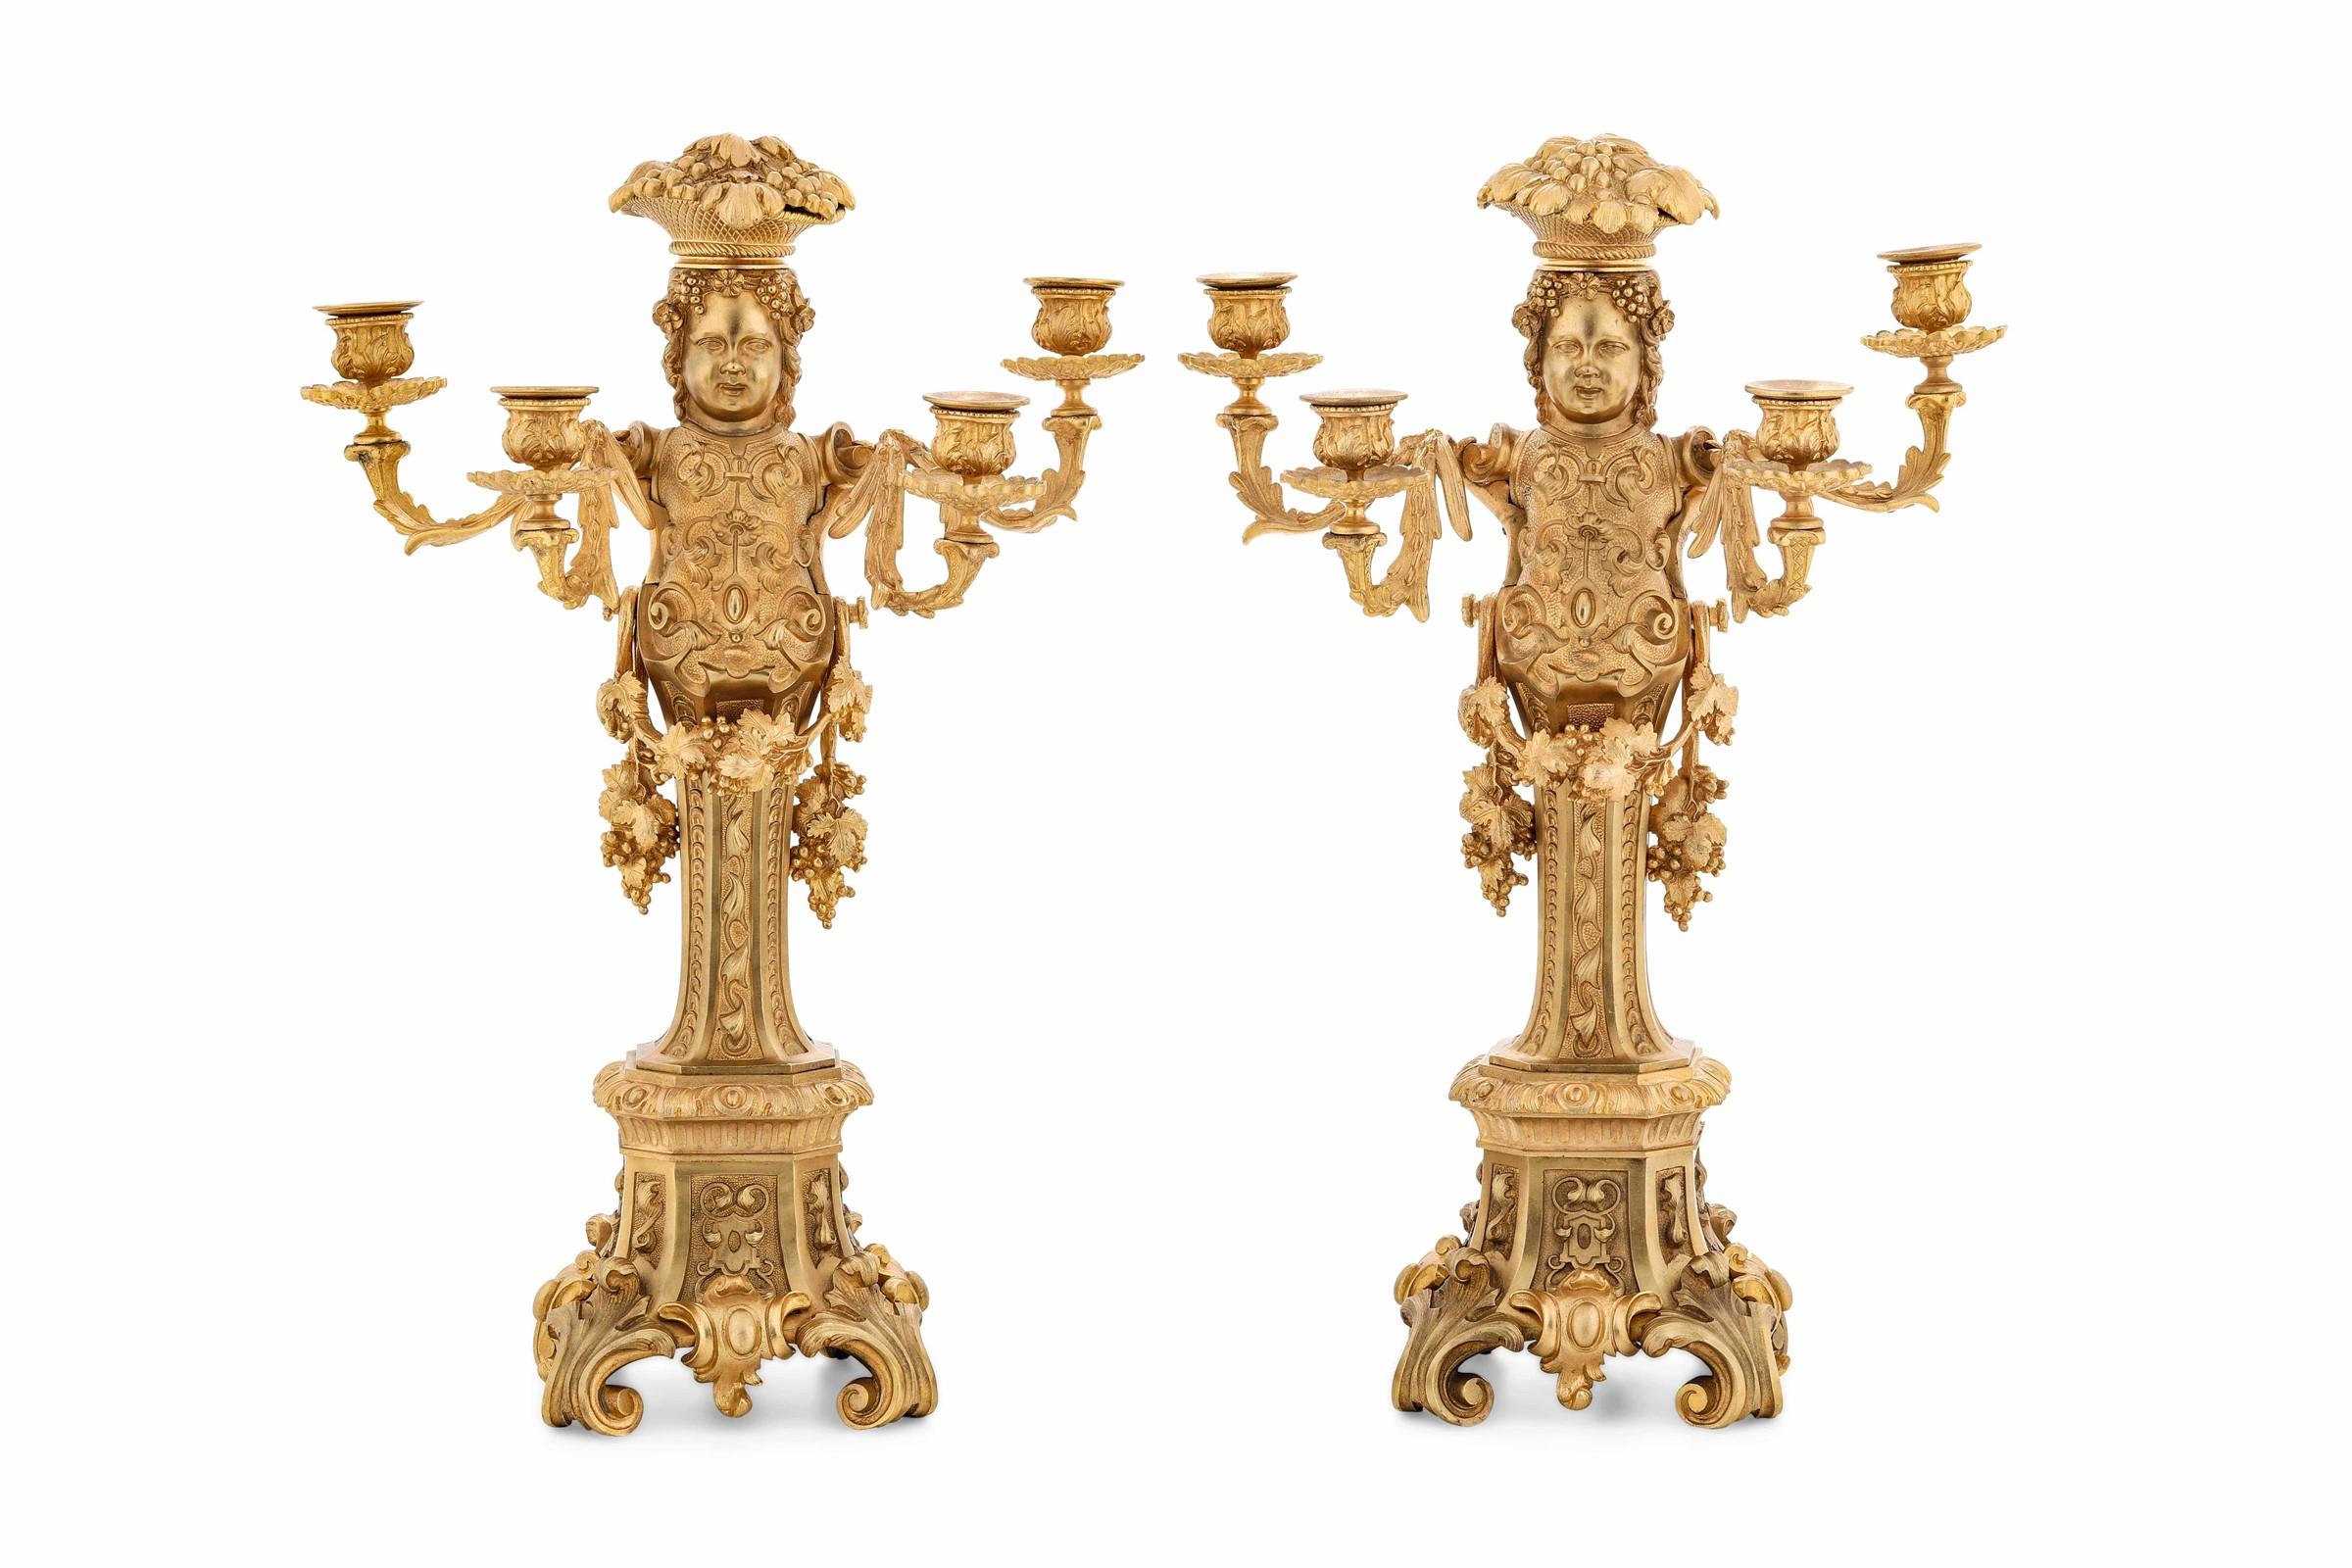 Coppia di candelabri in bronzo dorato. Fonditore del XX-XXI secolo, - cm 54 Fusto ad [...] - Image 2 of 2